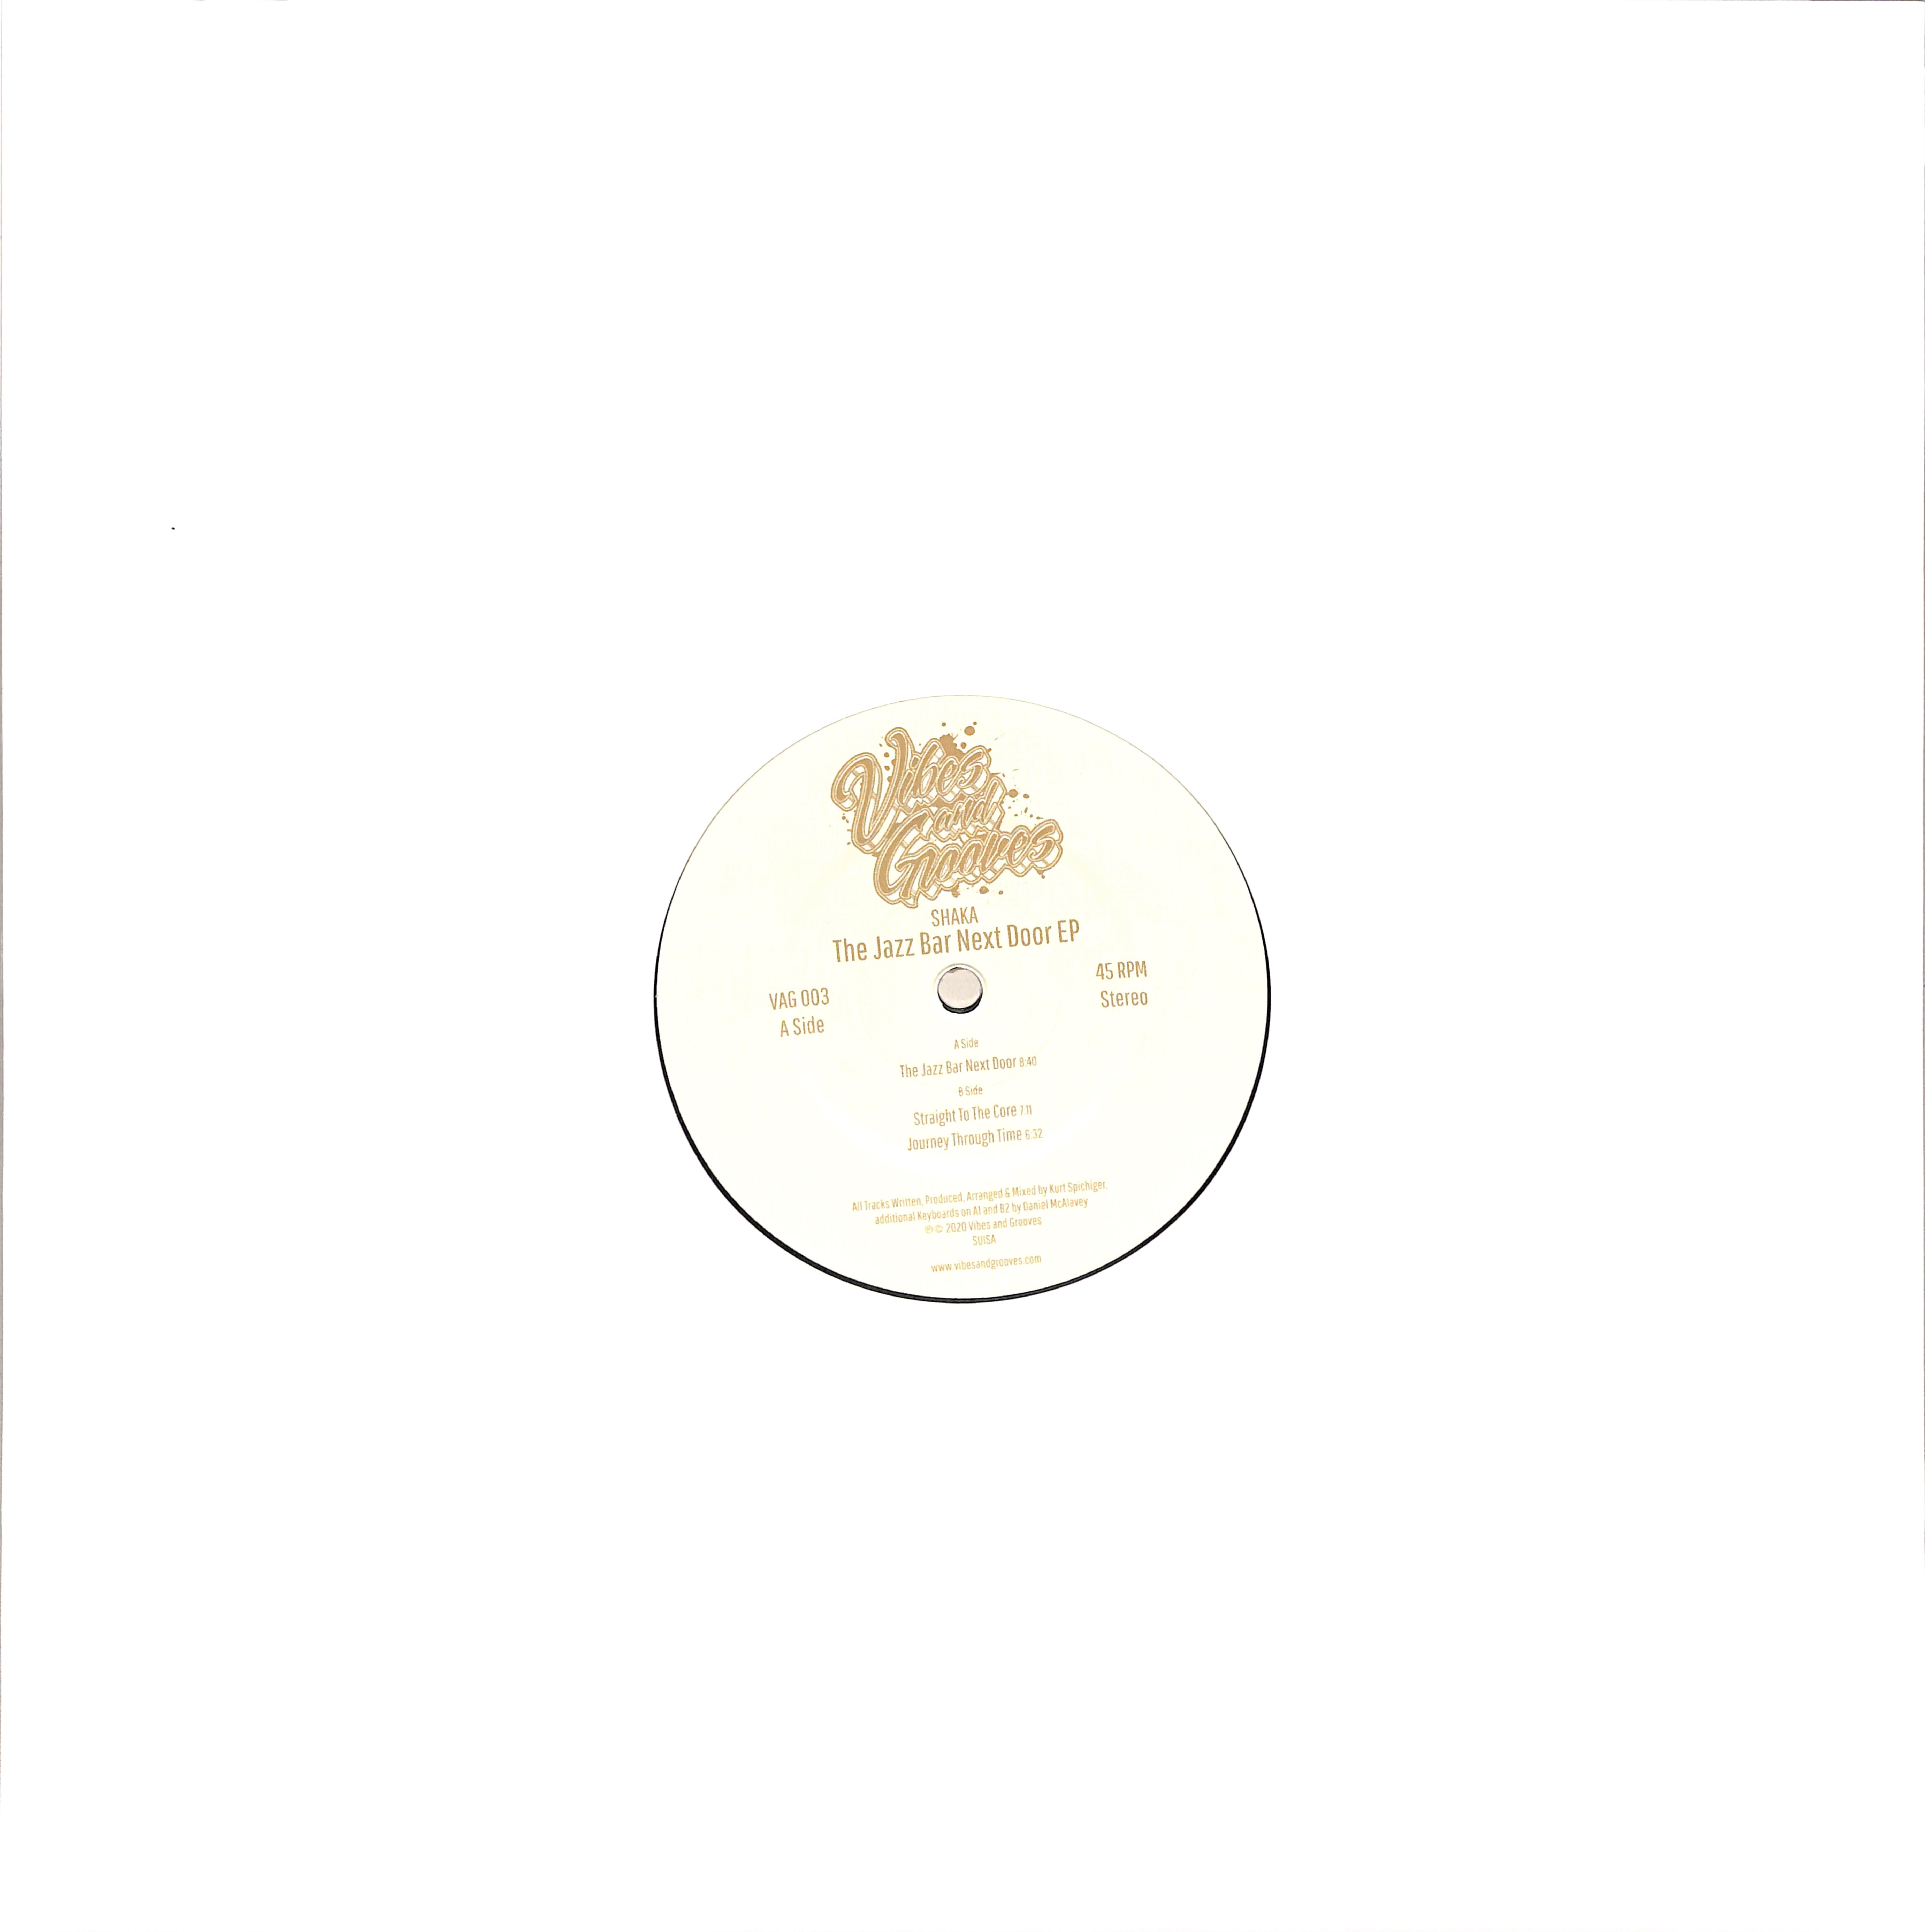 Shaka - THE JAZZ BAR NEXT DOOR EP